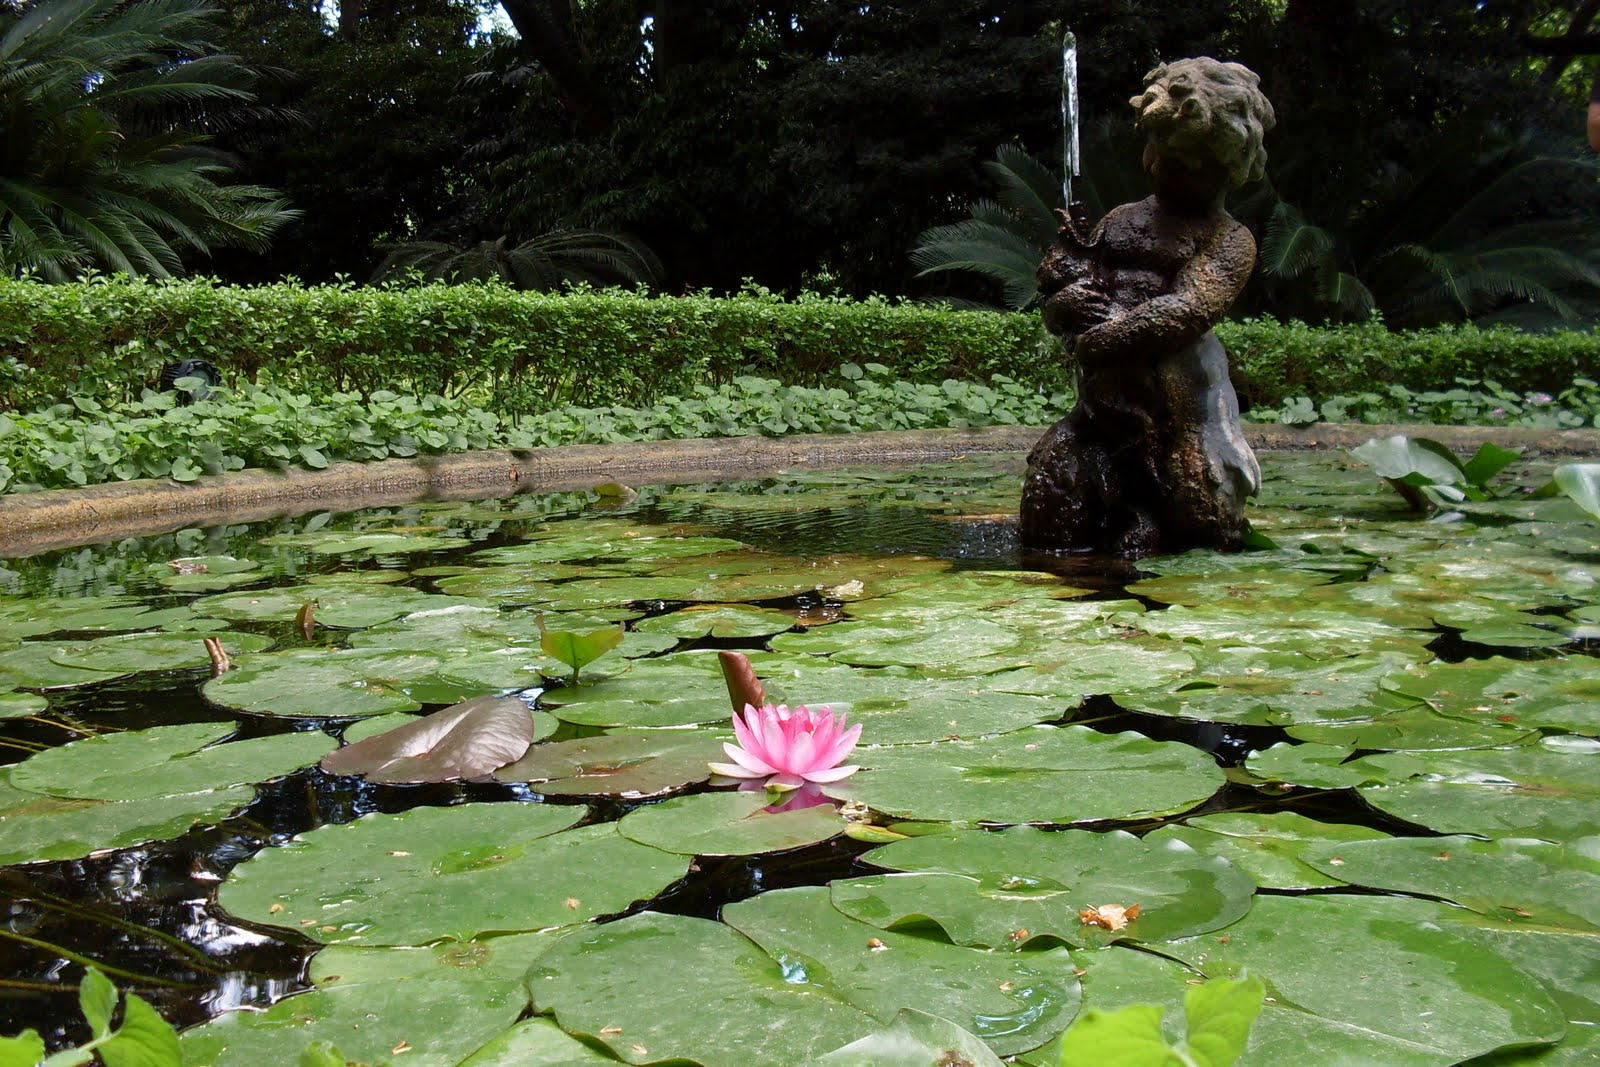 Jardin del mundo bot nico la concepcion viveros guzman for Viveros de plantas en concepcion